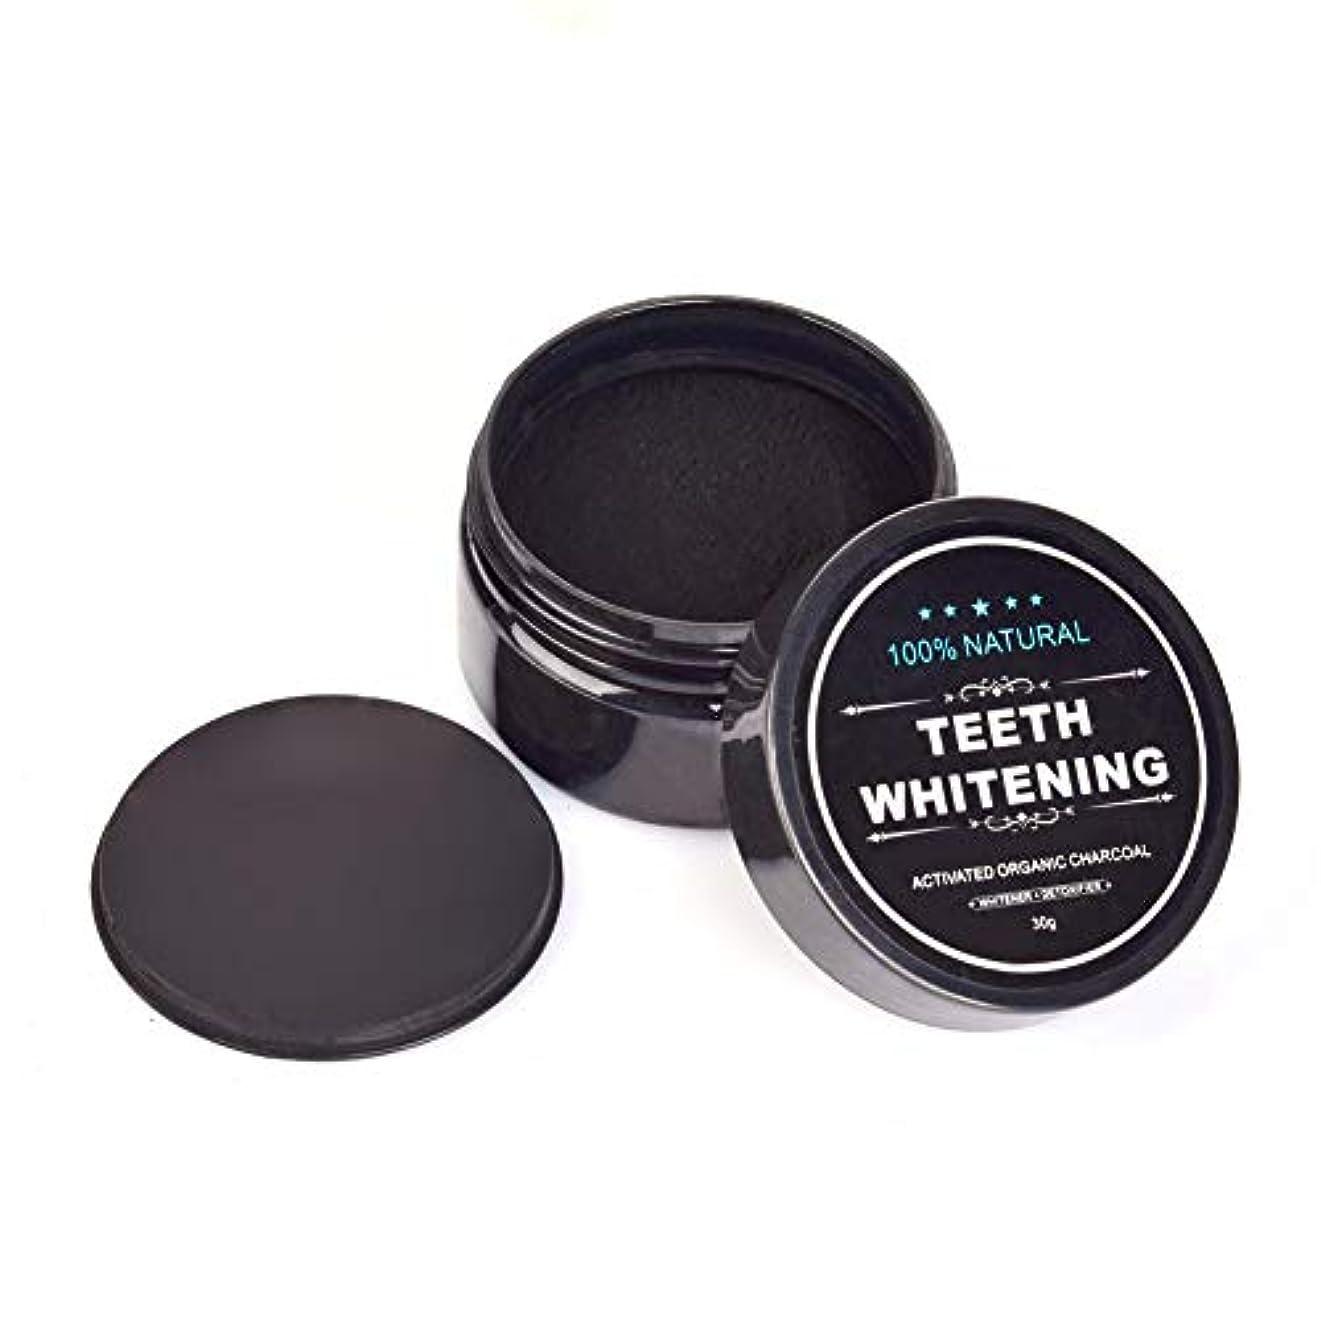 手段偶然賞賛するSILUN チャコールホワイトニング 歯 ホワイトニング チャコール型 マイクロパウダー 歯 ホワイトニング 食べれる活性炭 竹炭 歯を白くする歯磨き粉 活性炭パウダー